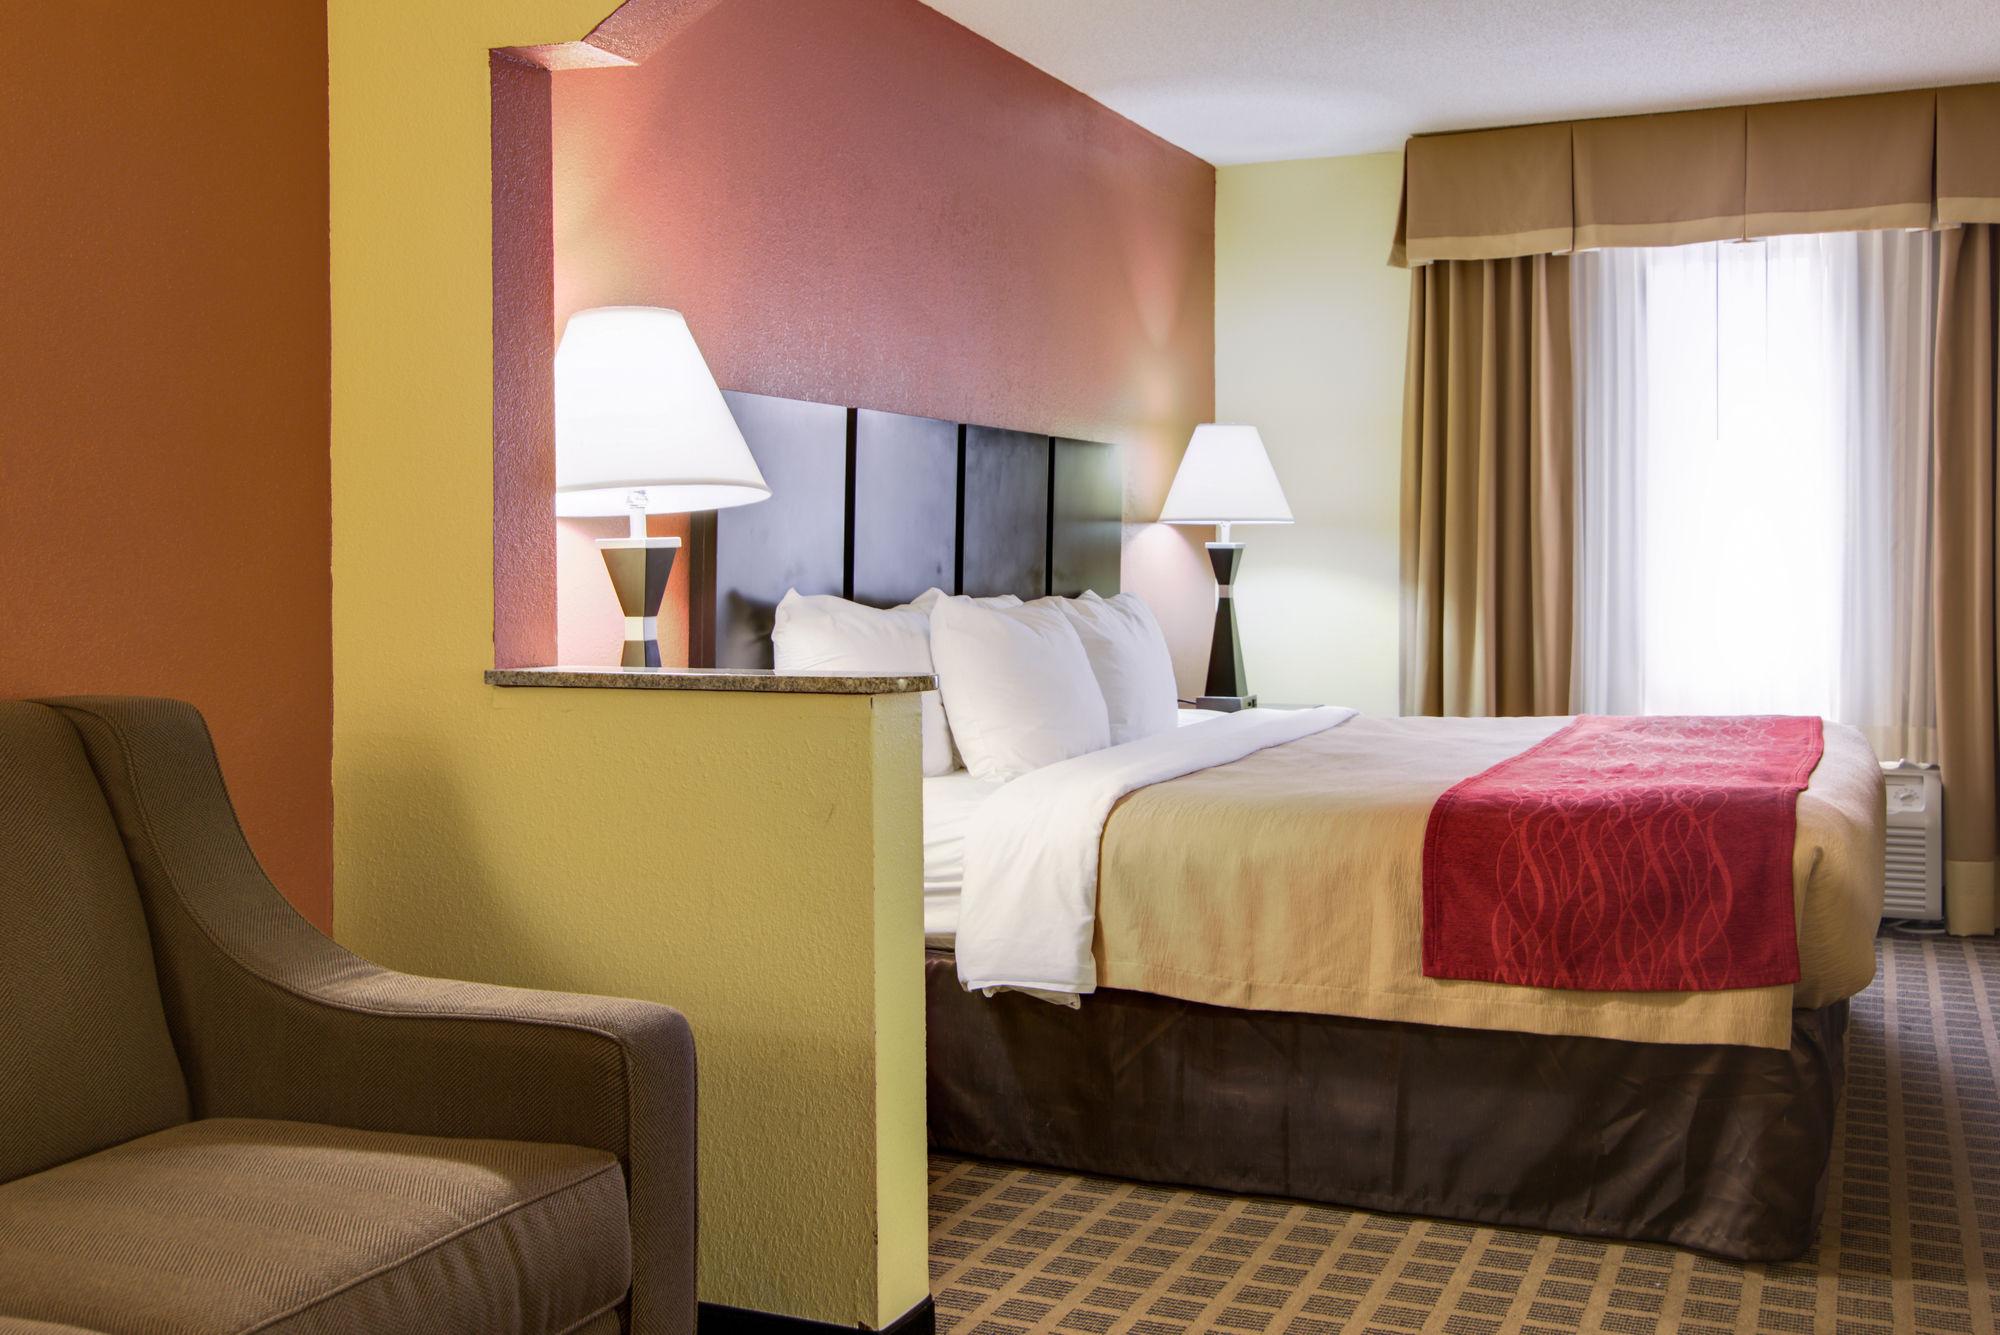 Comfort Inn & Suites in Macon, GA